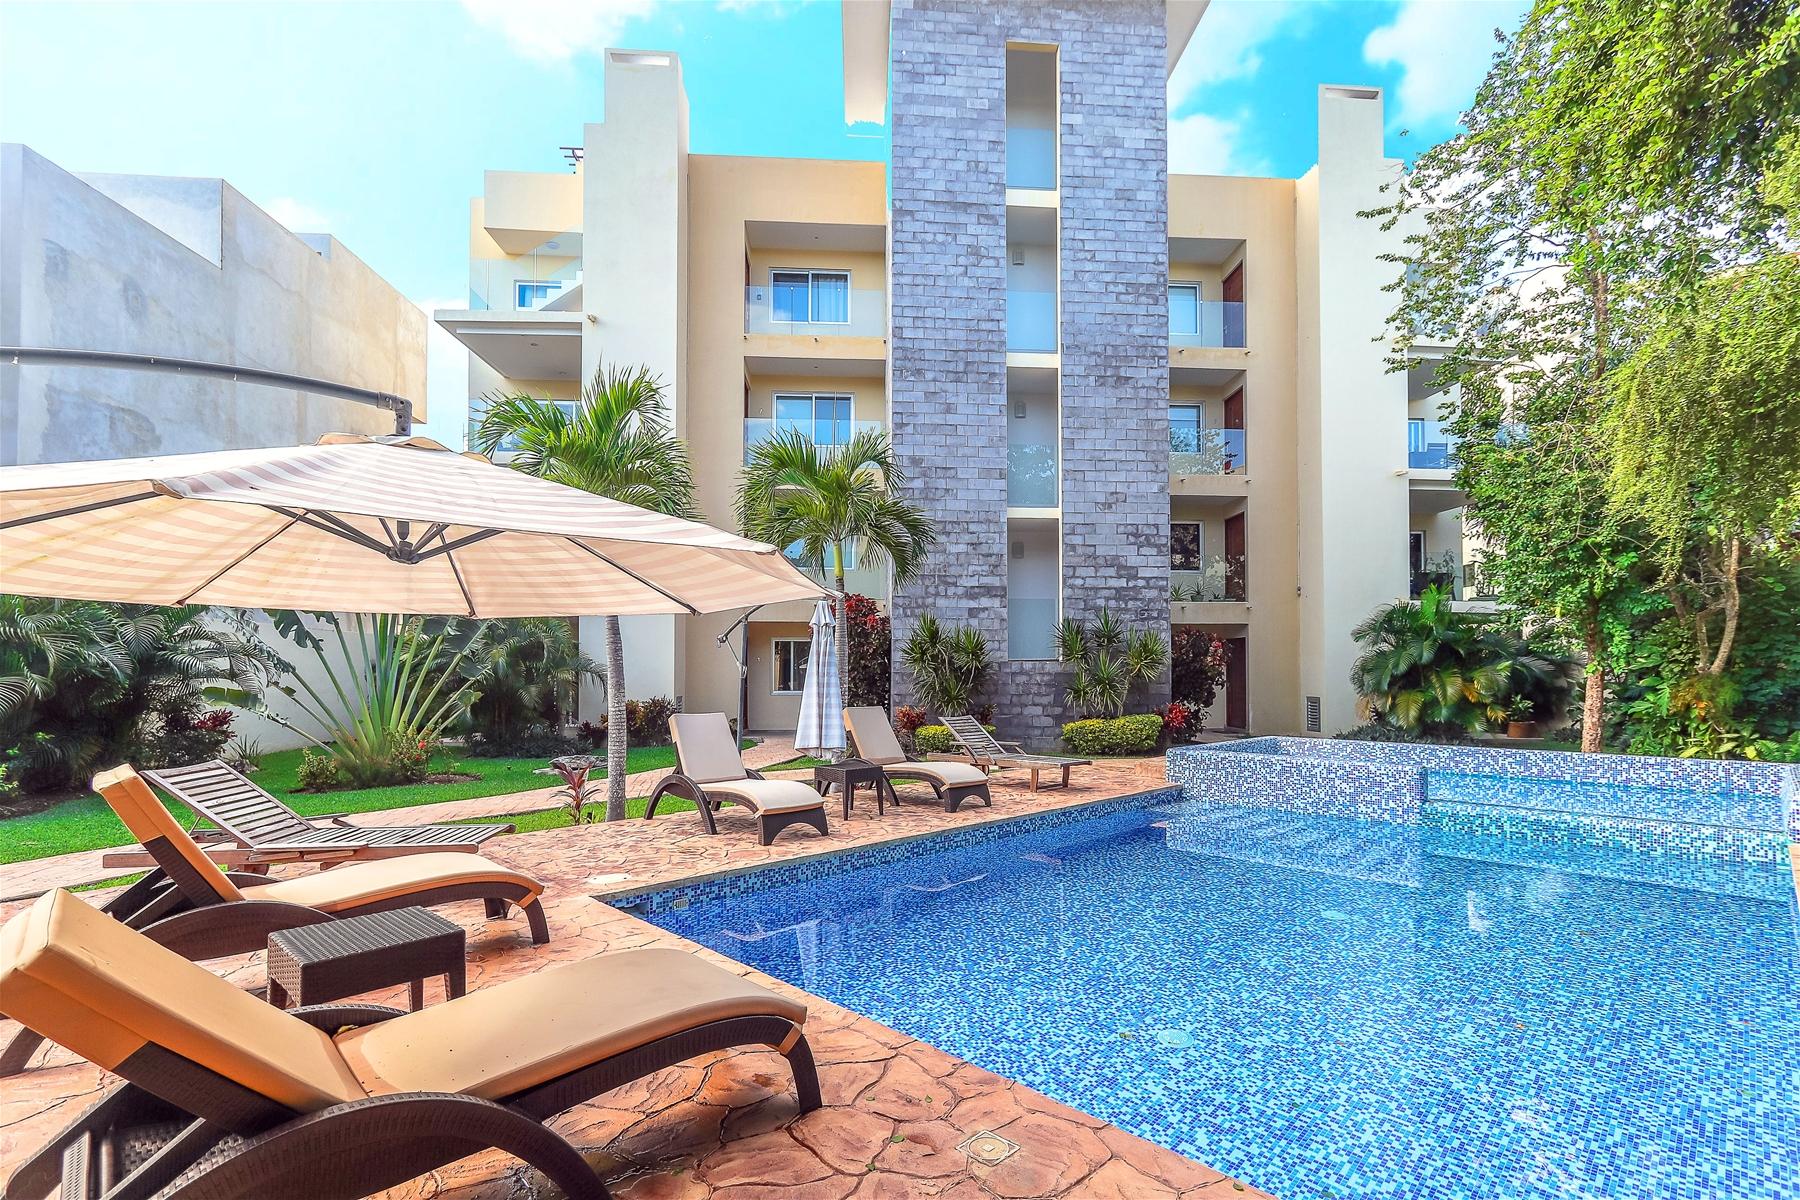 Le Parc 8 El Cielo Plaza Playa del Carmen Condo  For Sale Real Estate to Buy